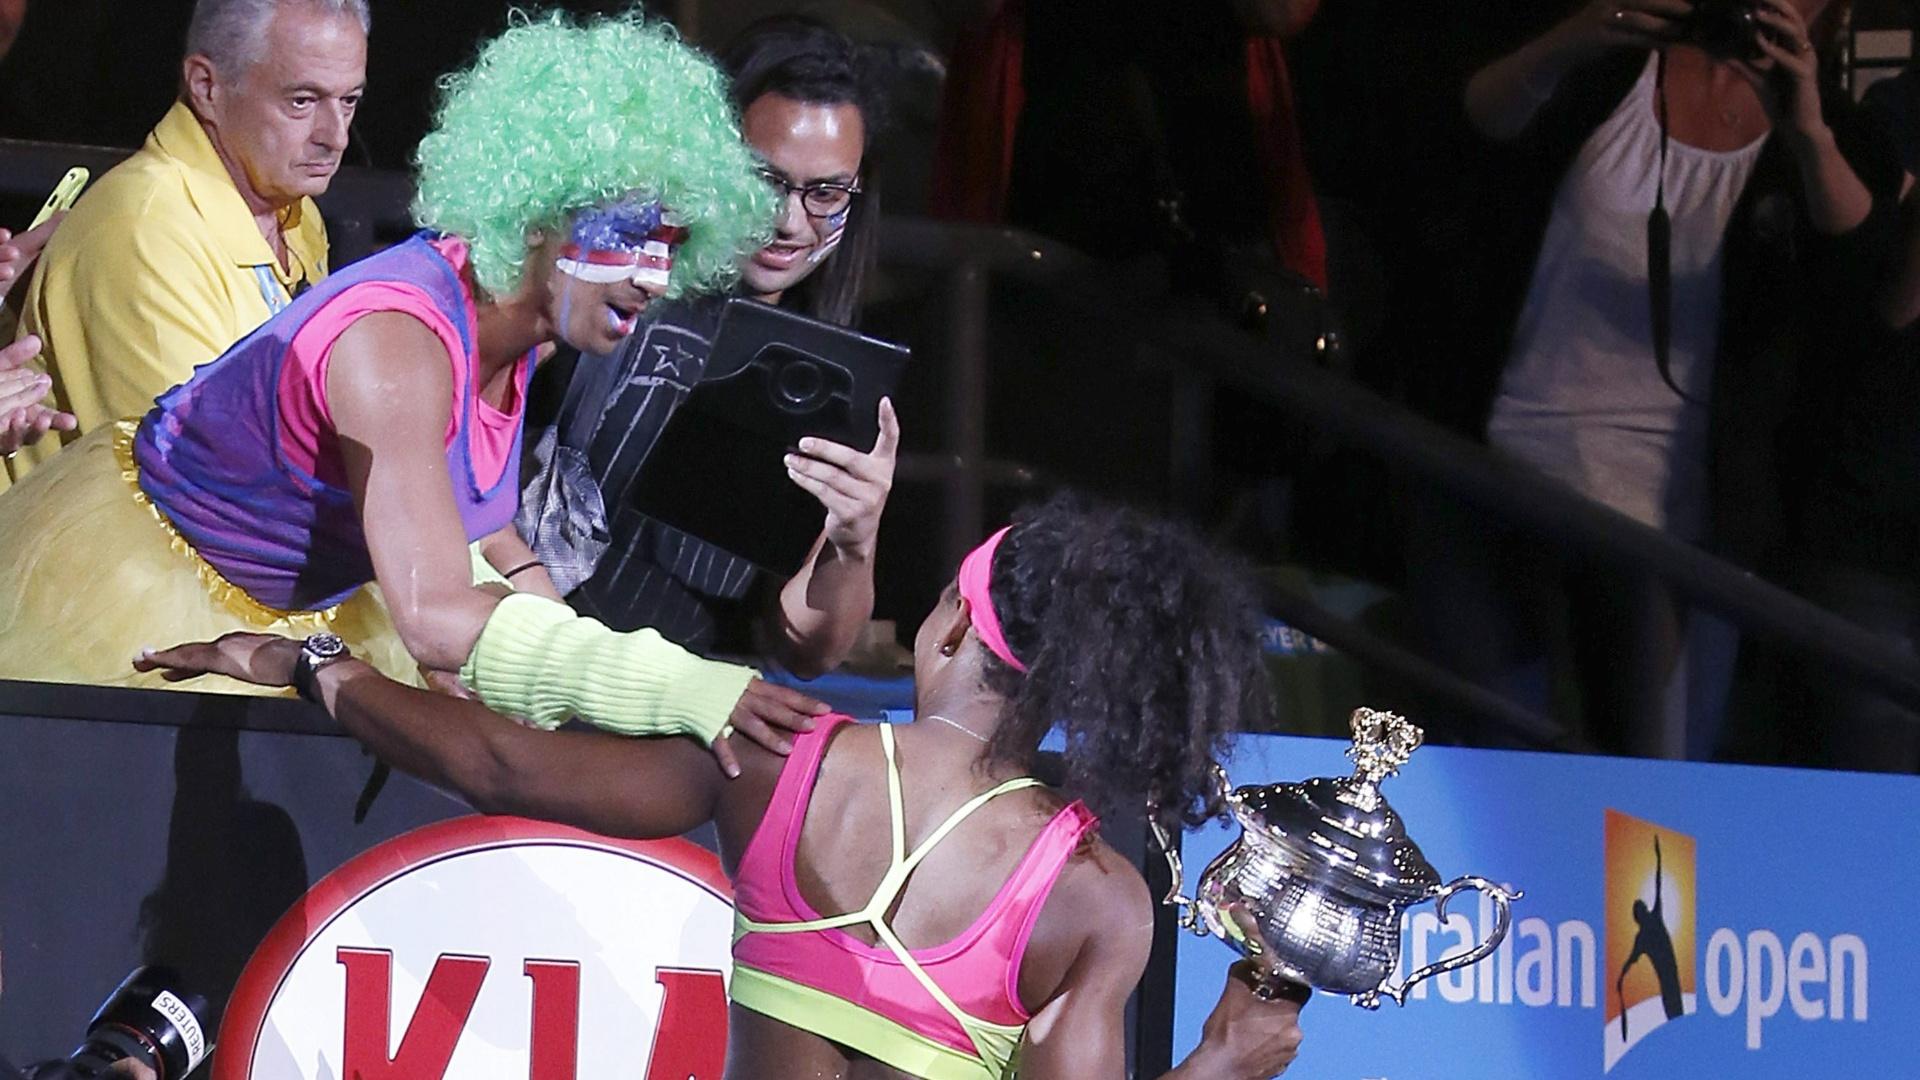 Serena recebe parabéns de fã fantasiado após conquistar o título